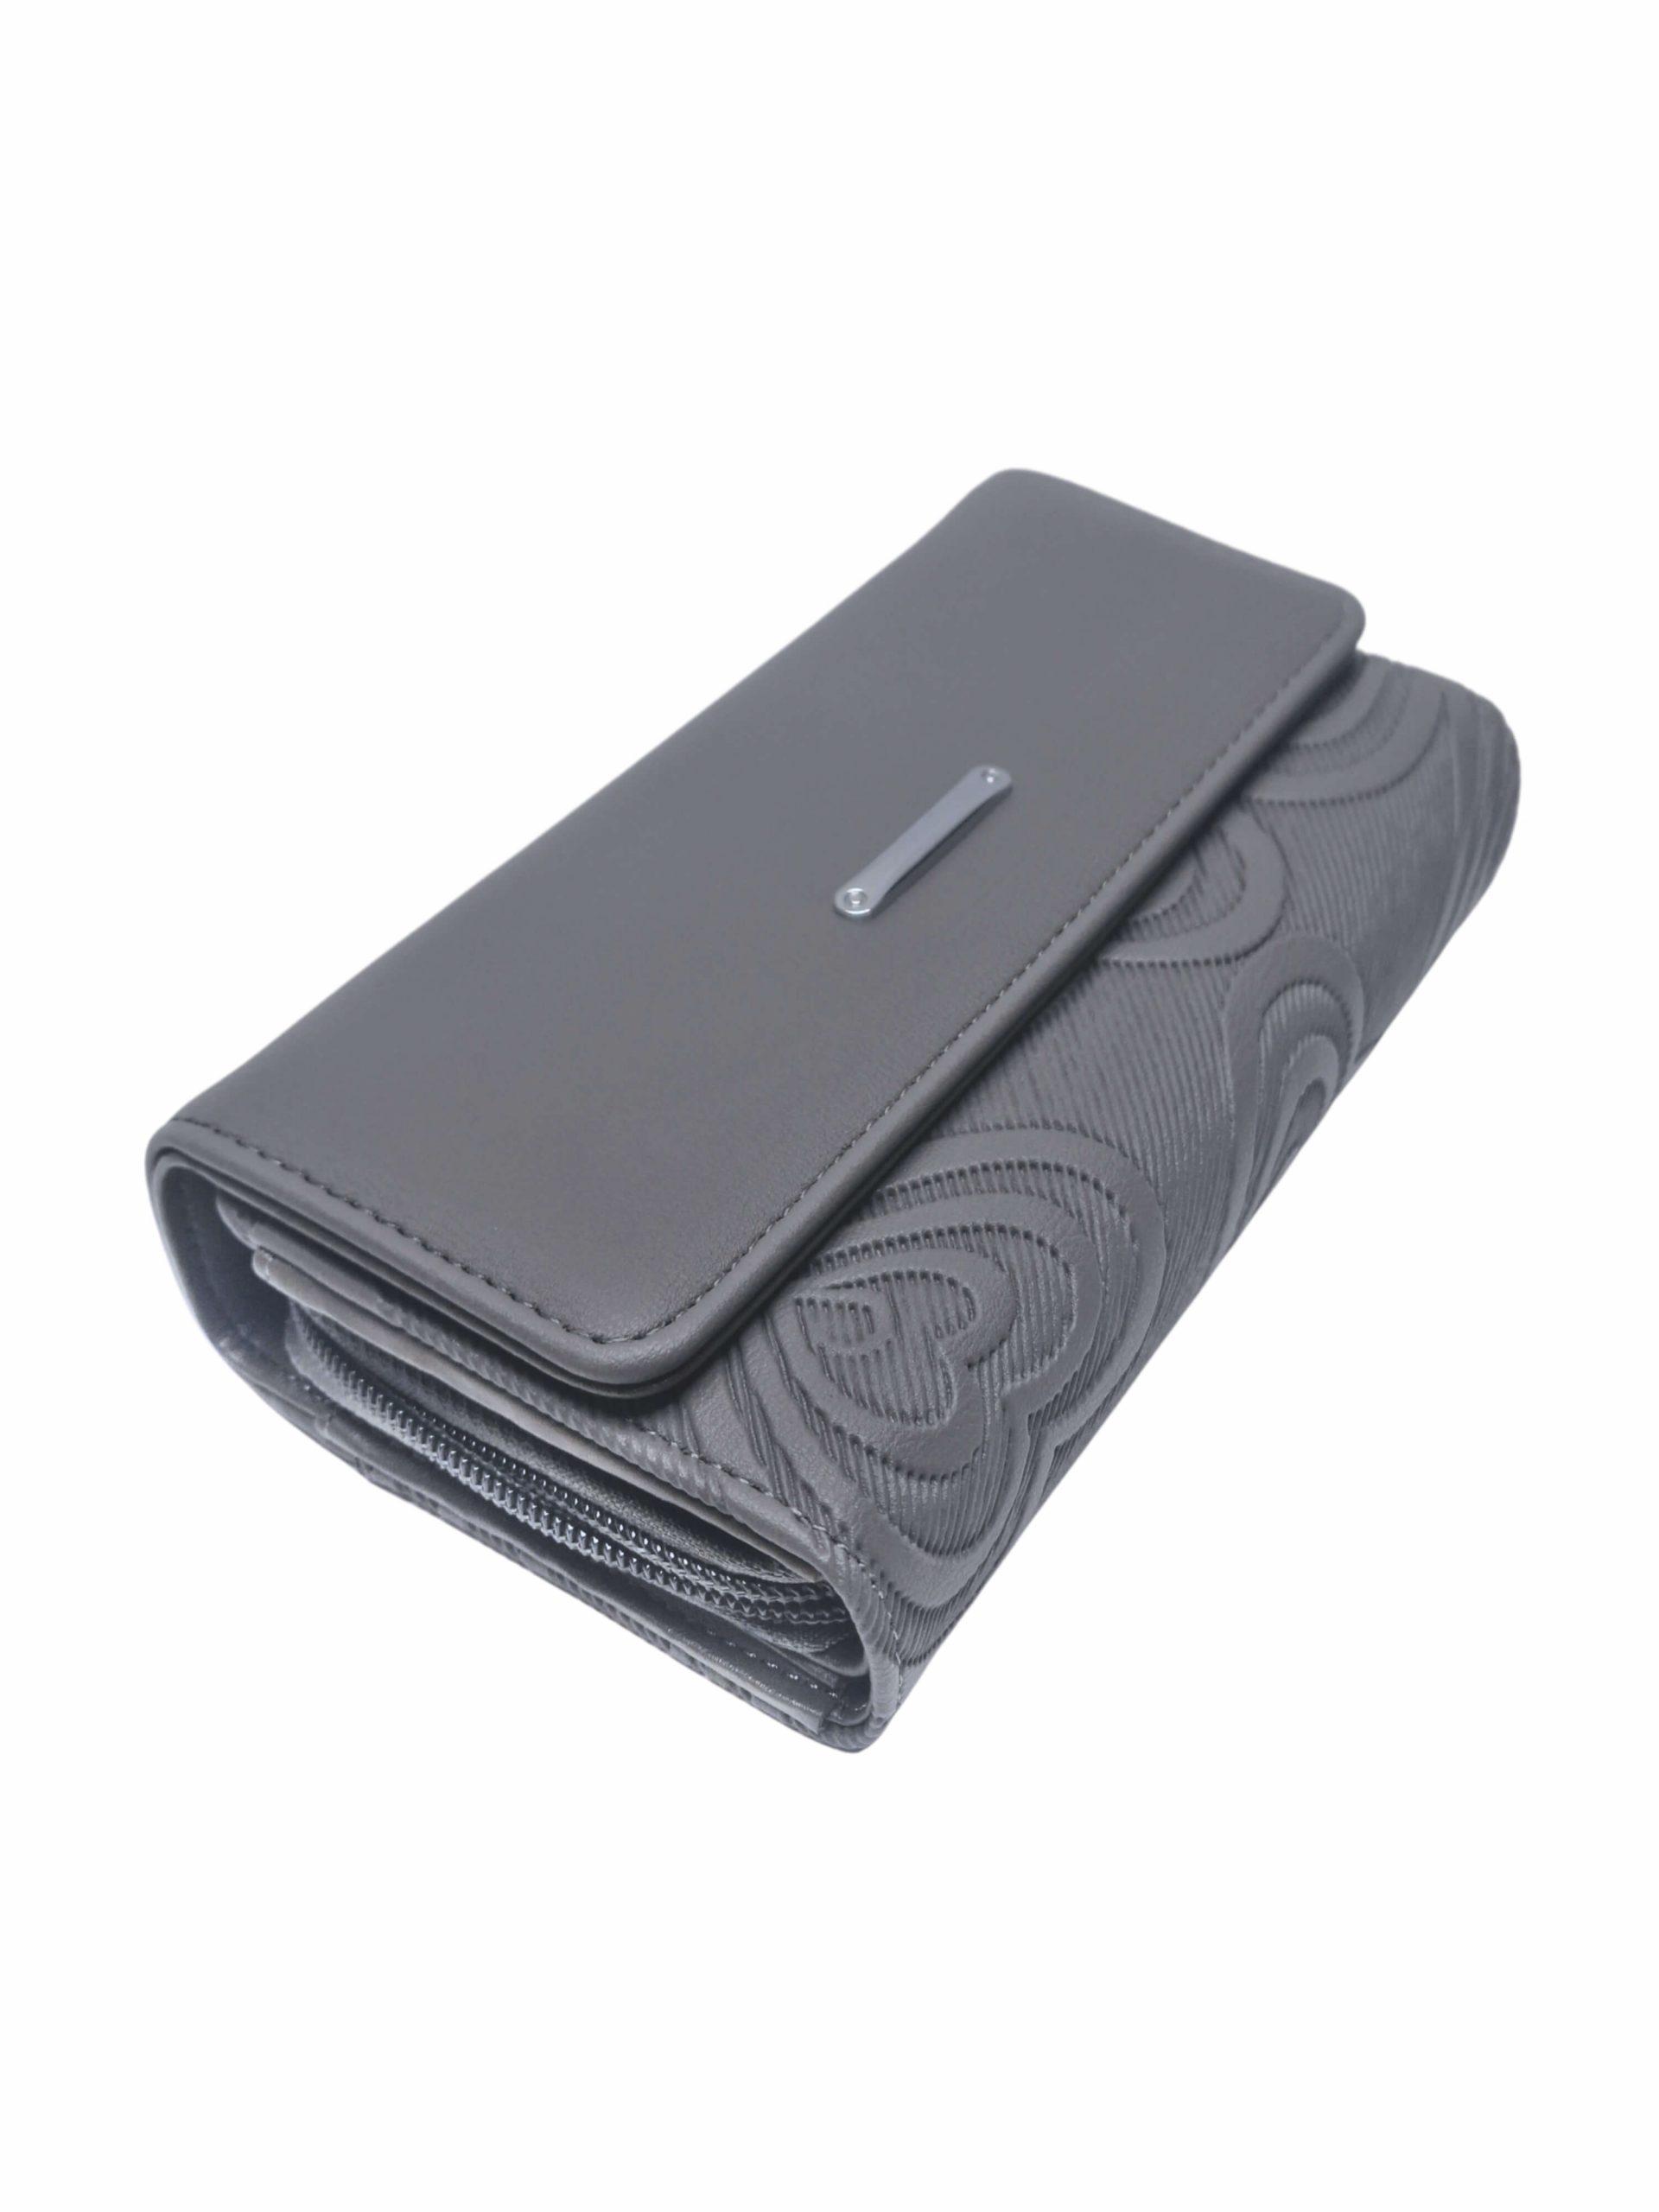 Moderní dámská peněženka s líbivým vzorem, New Berry, YX-106, středně šedá, přední strana peněženky